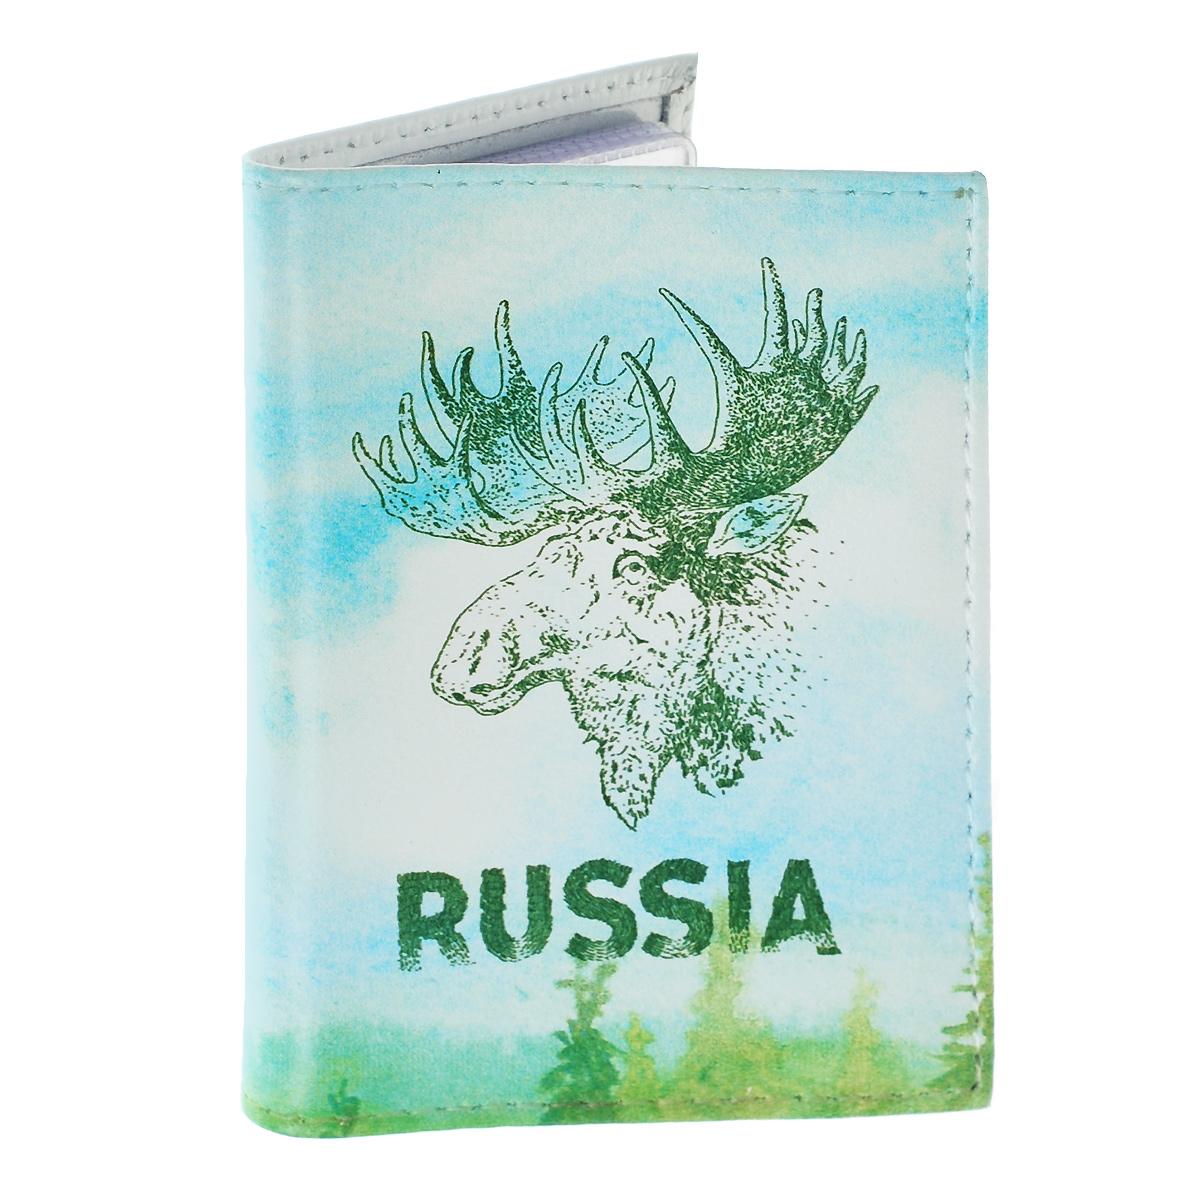 Визитница Лось. VIZIT-223VIZIT-223Оригинальная визитница Mitya Veselkov Лось - стильная вещь для хранения визиток. Она выполнена из натуральной кожи и оформлена изображением головы лося и надписью Russia. Внутри содержится съемный блок из прозрачного мягкого пластика на 18 визиток и 2 прозрачных вертикальных кармана. Яркая и оригинальная визитница подчеркнет вашу индивидуальность и изысканный вкус, а также станет замечательным подарком человеку, ценящему качественные и практичные вещи.